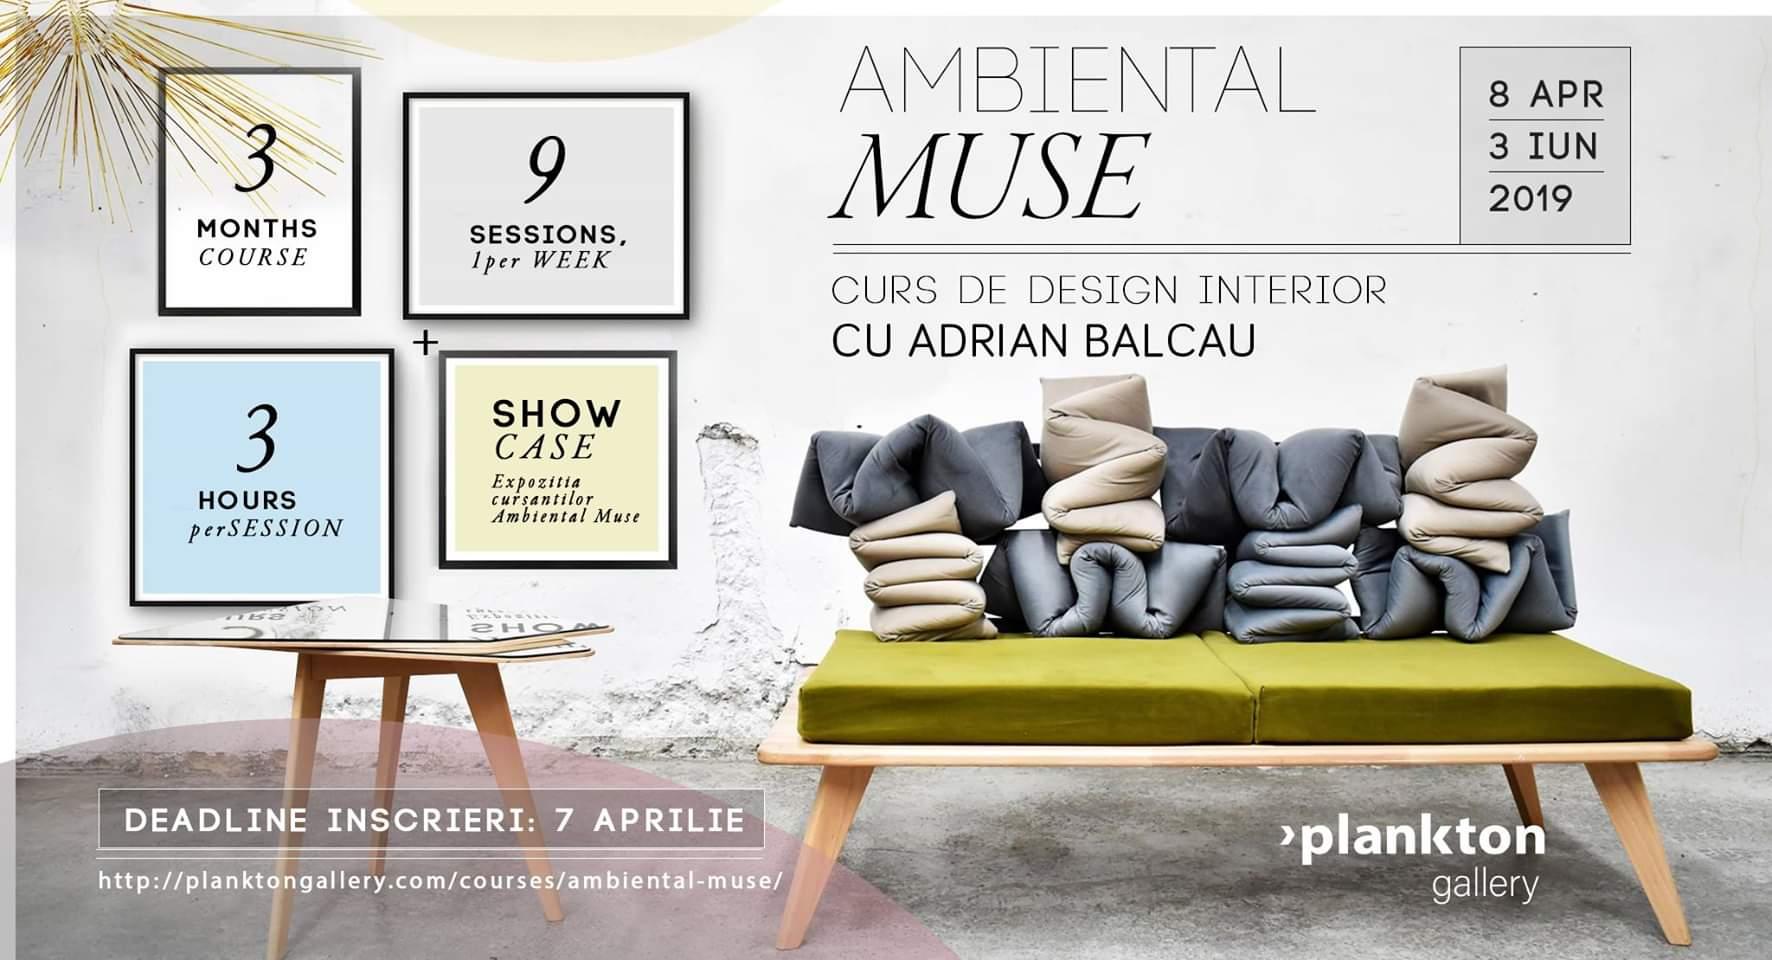 Ambiental Muse – Curs de design interior cu Adrian Balcău